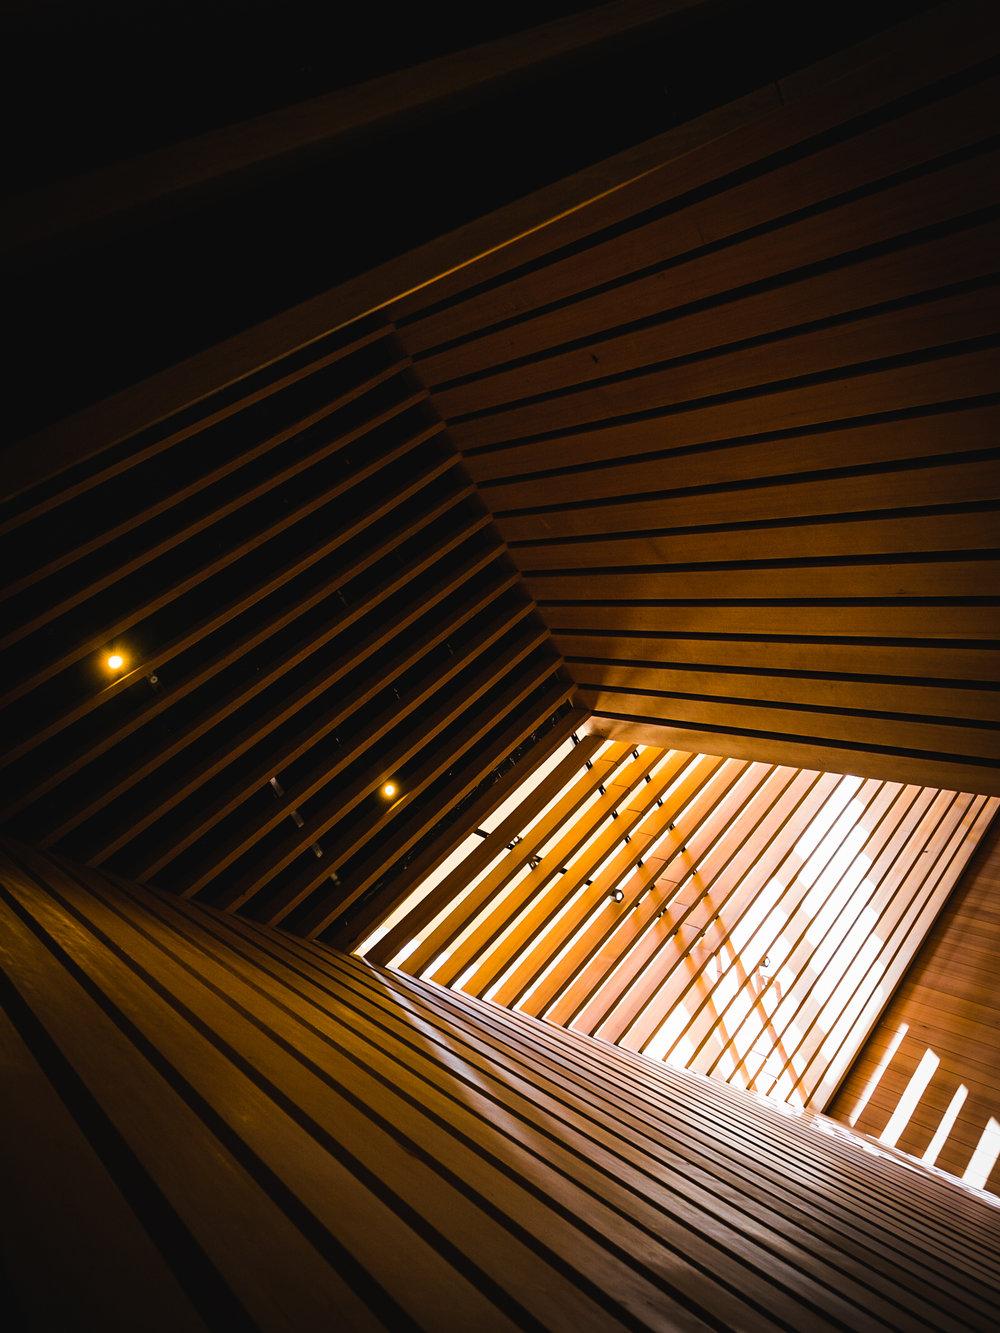 audain-art-museum-stairway